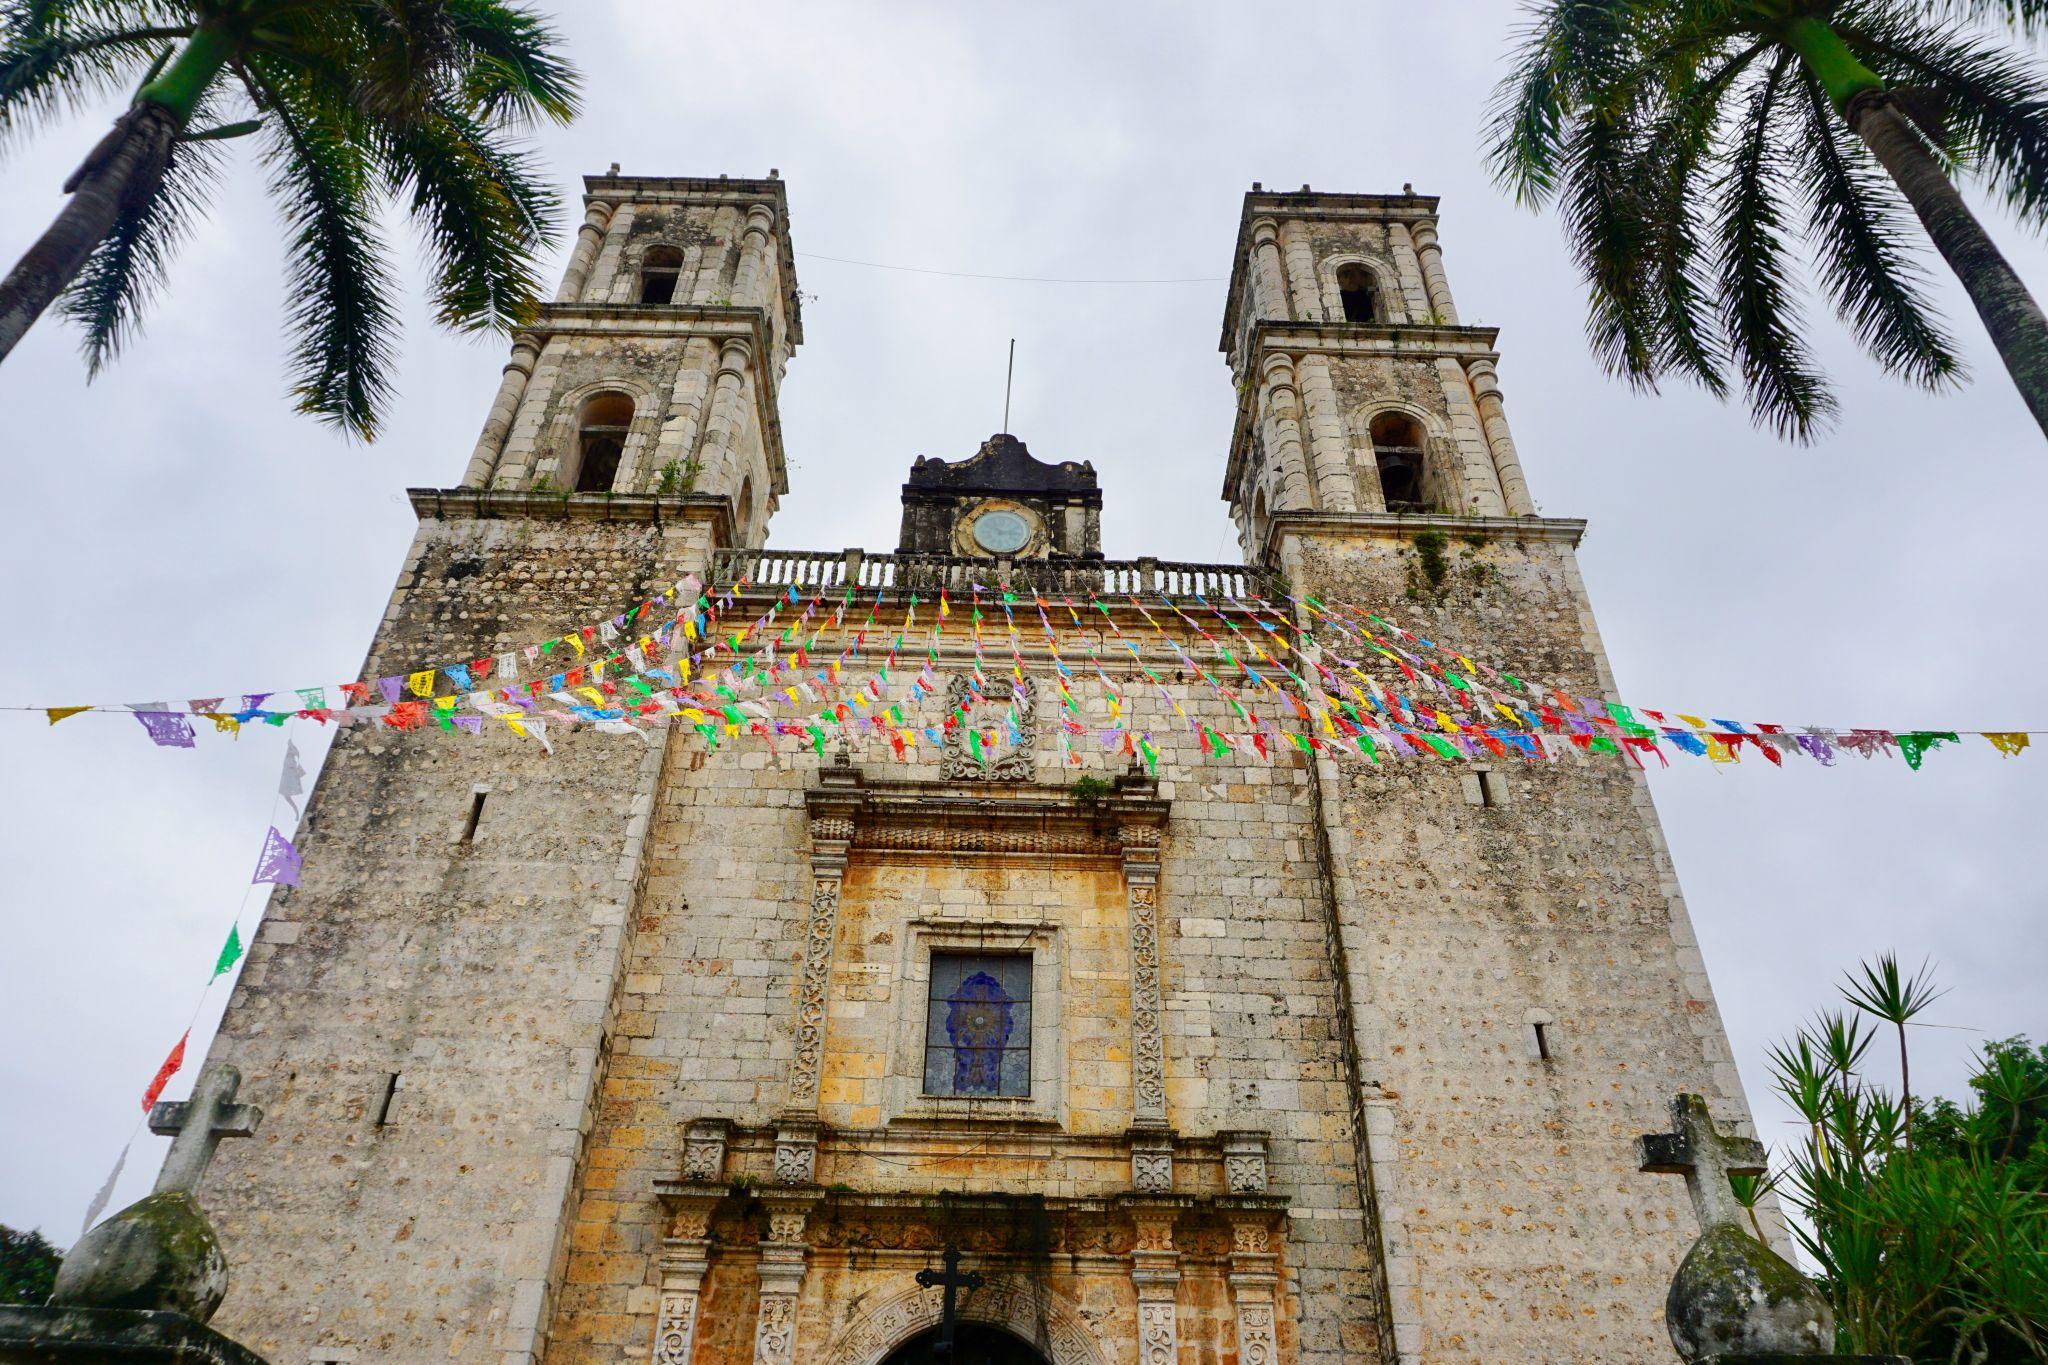 Iglesia de San Servacio in Valladolid is worth visiting